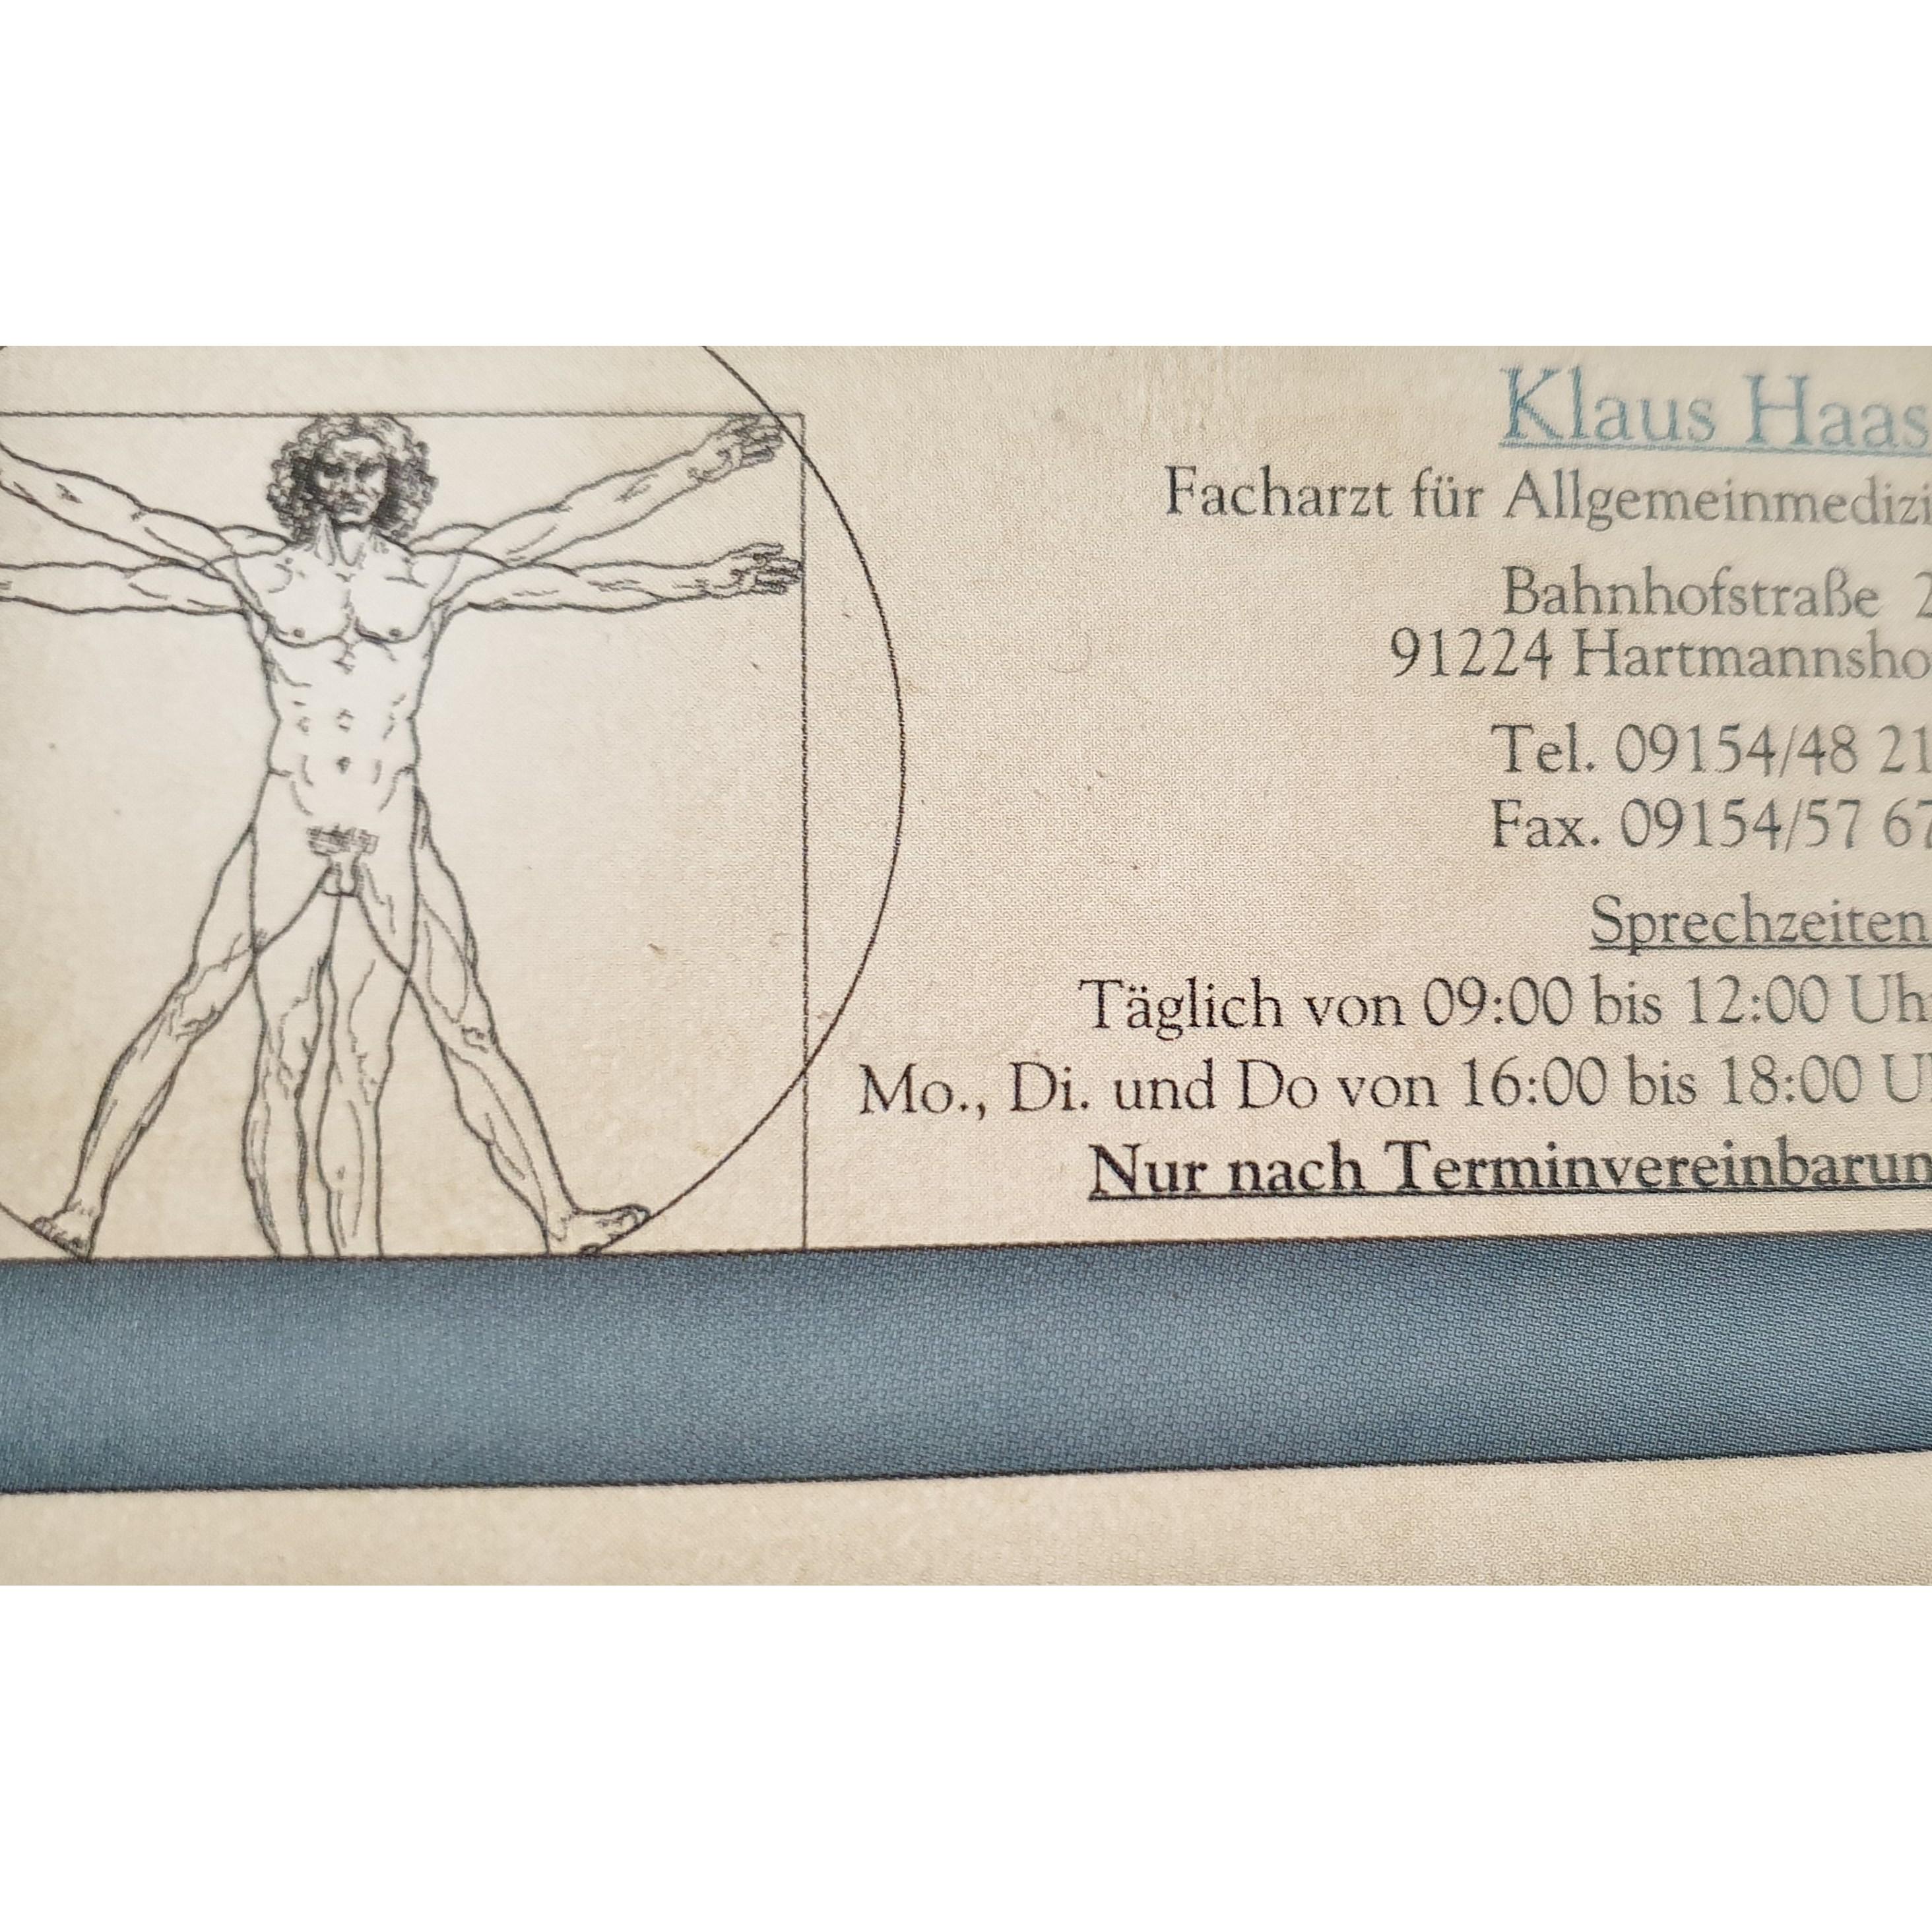 Haas Klaus Facharzt für Allgemeinmedizin